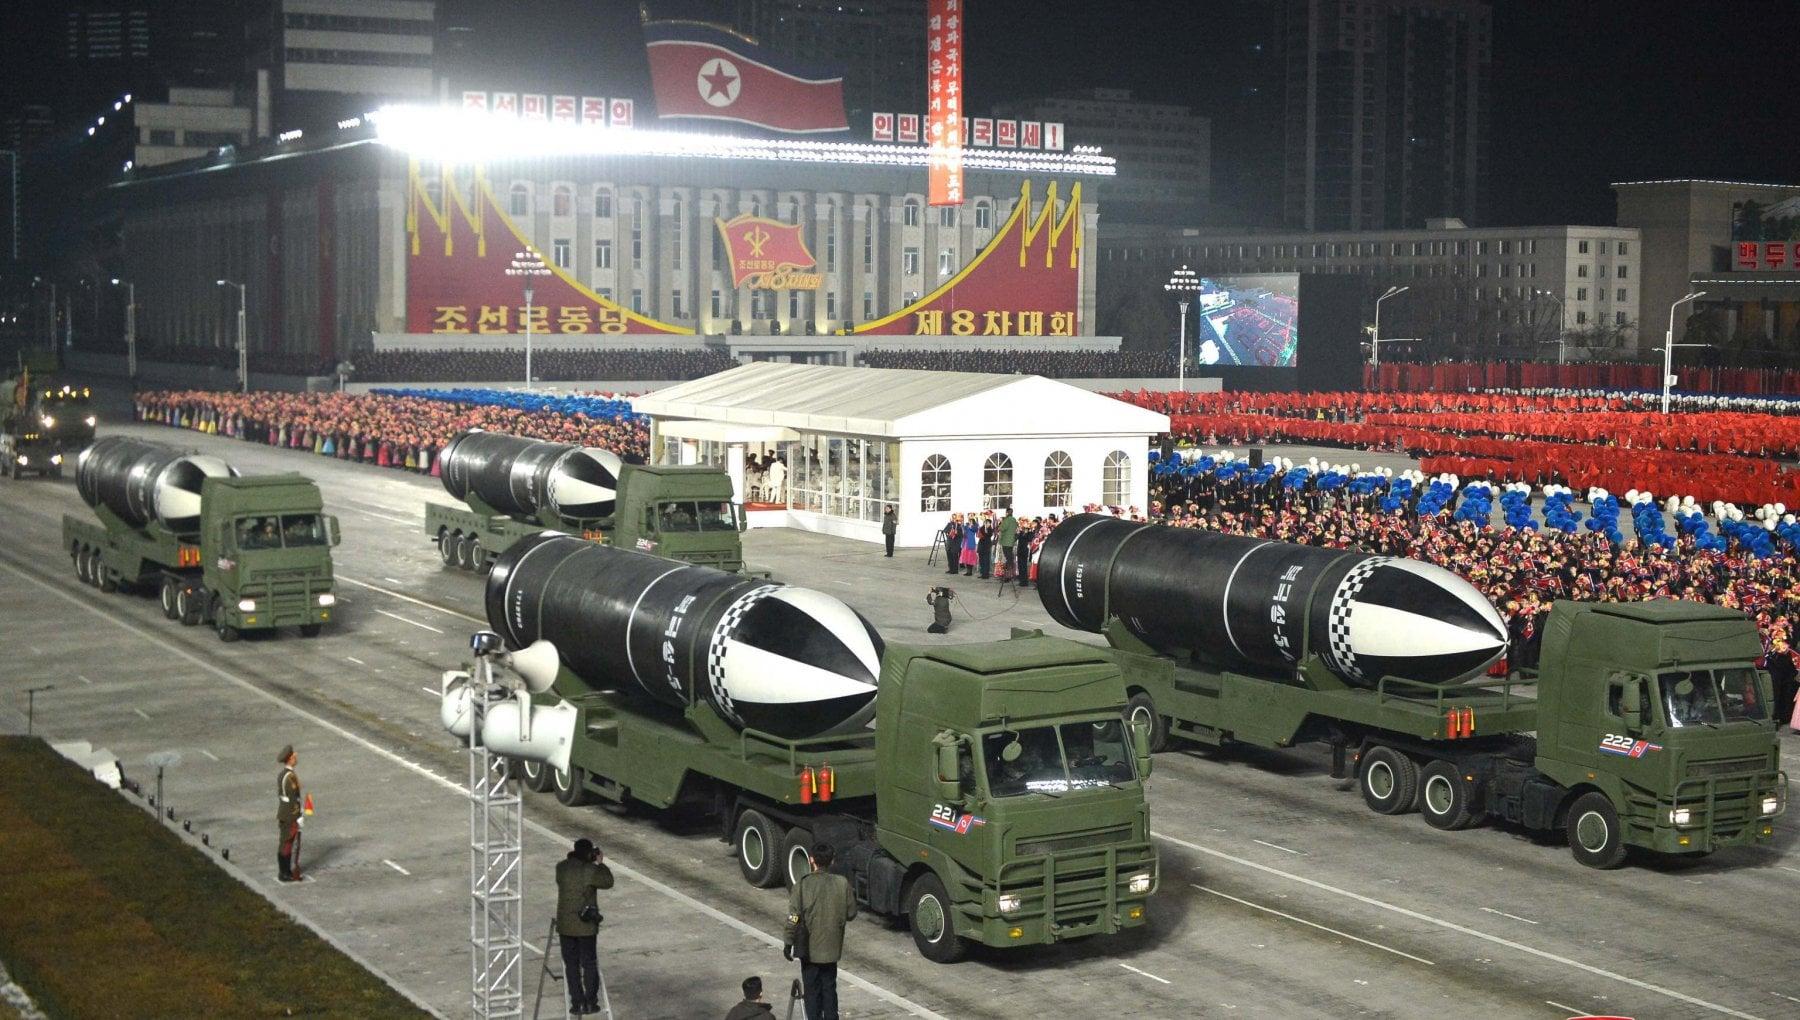 Corea del Nord alla parata militare spunta un missile balistico per sottomarino